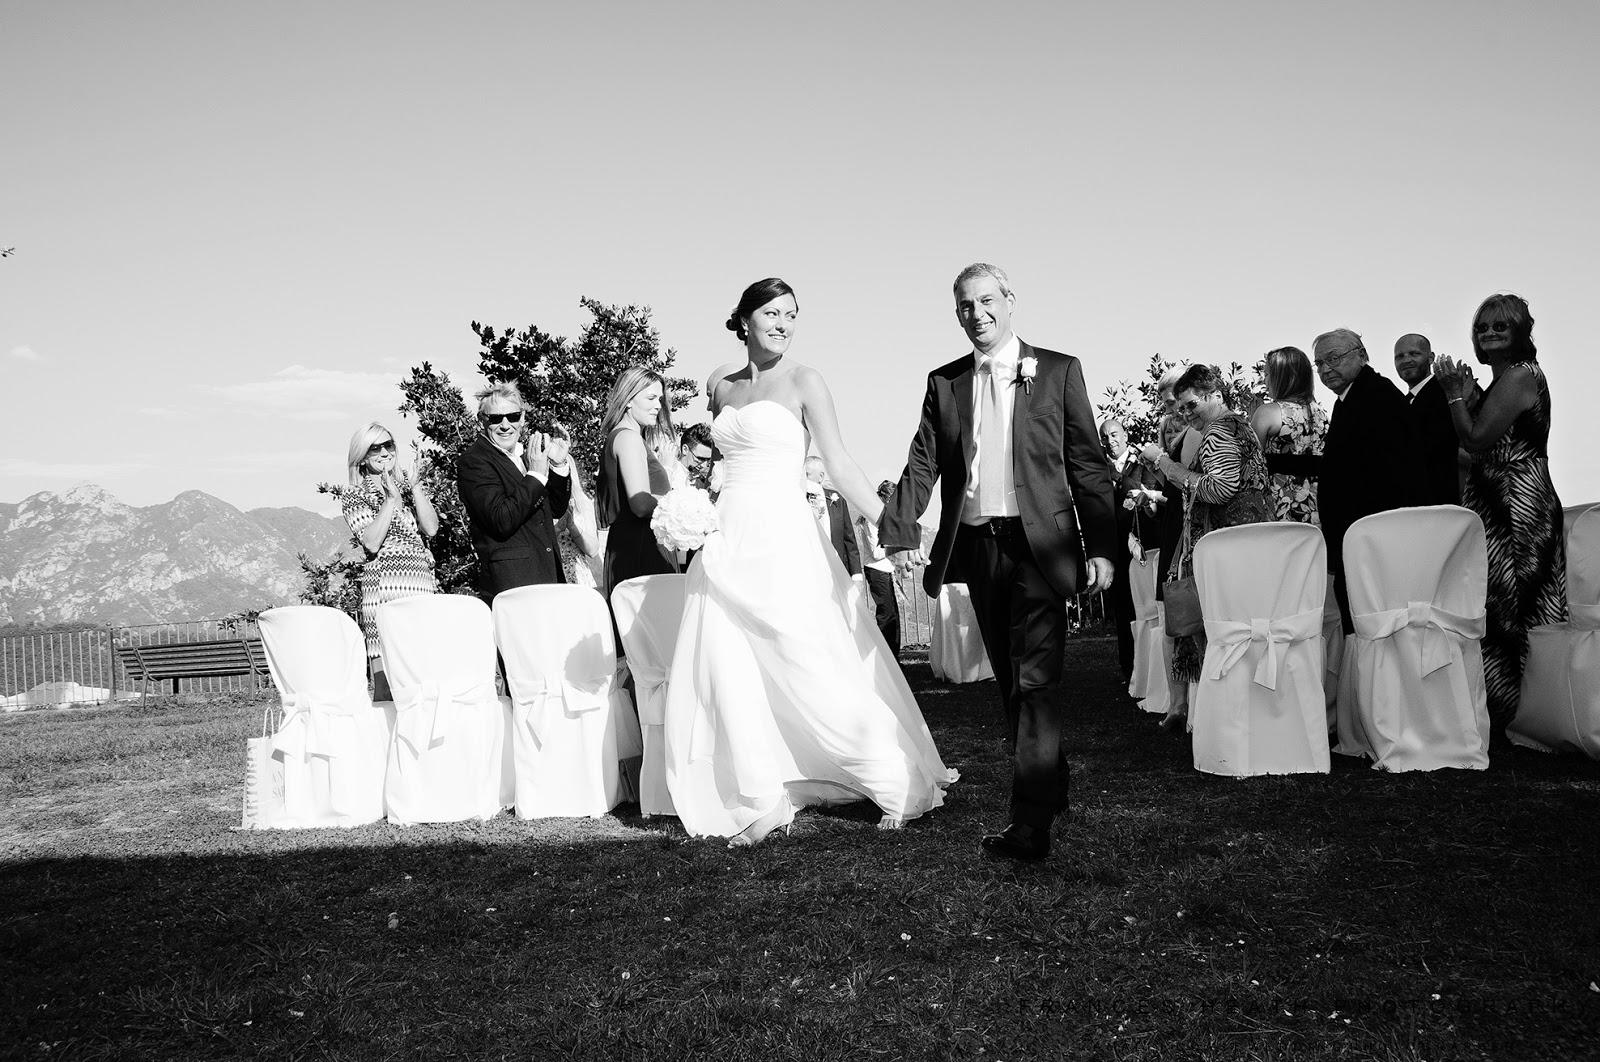 Wedding ceremony in Ravello Italy